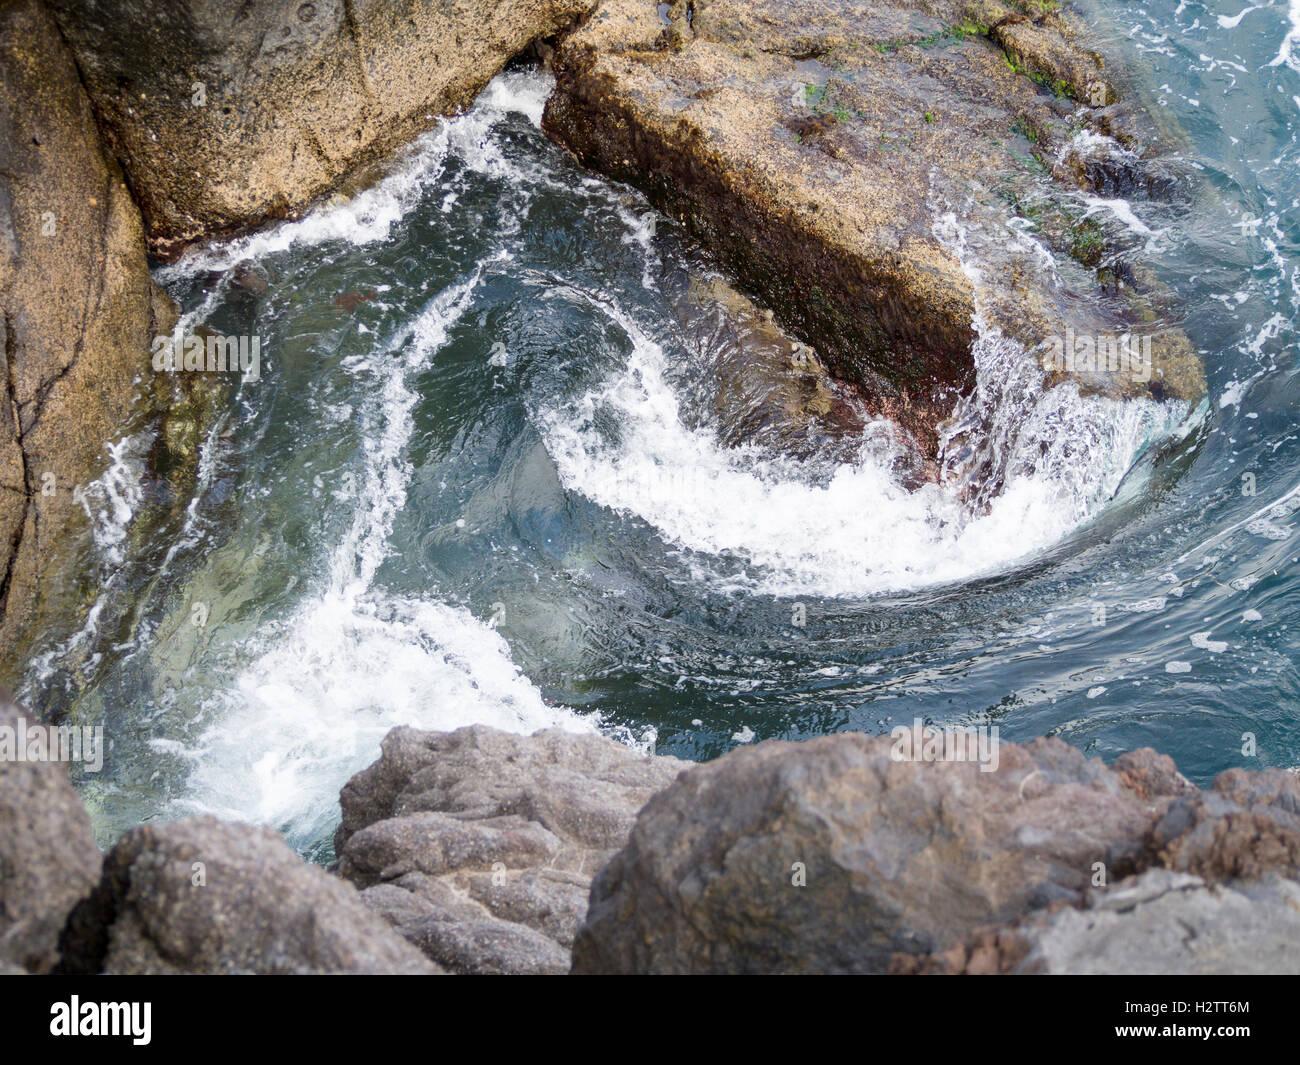 Surf tourbillonnant autour des roches. De l'eau les vagues frapper la côte rocheuse et curl dans un tourbillon Photo Stock